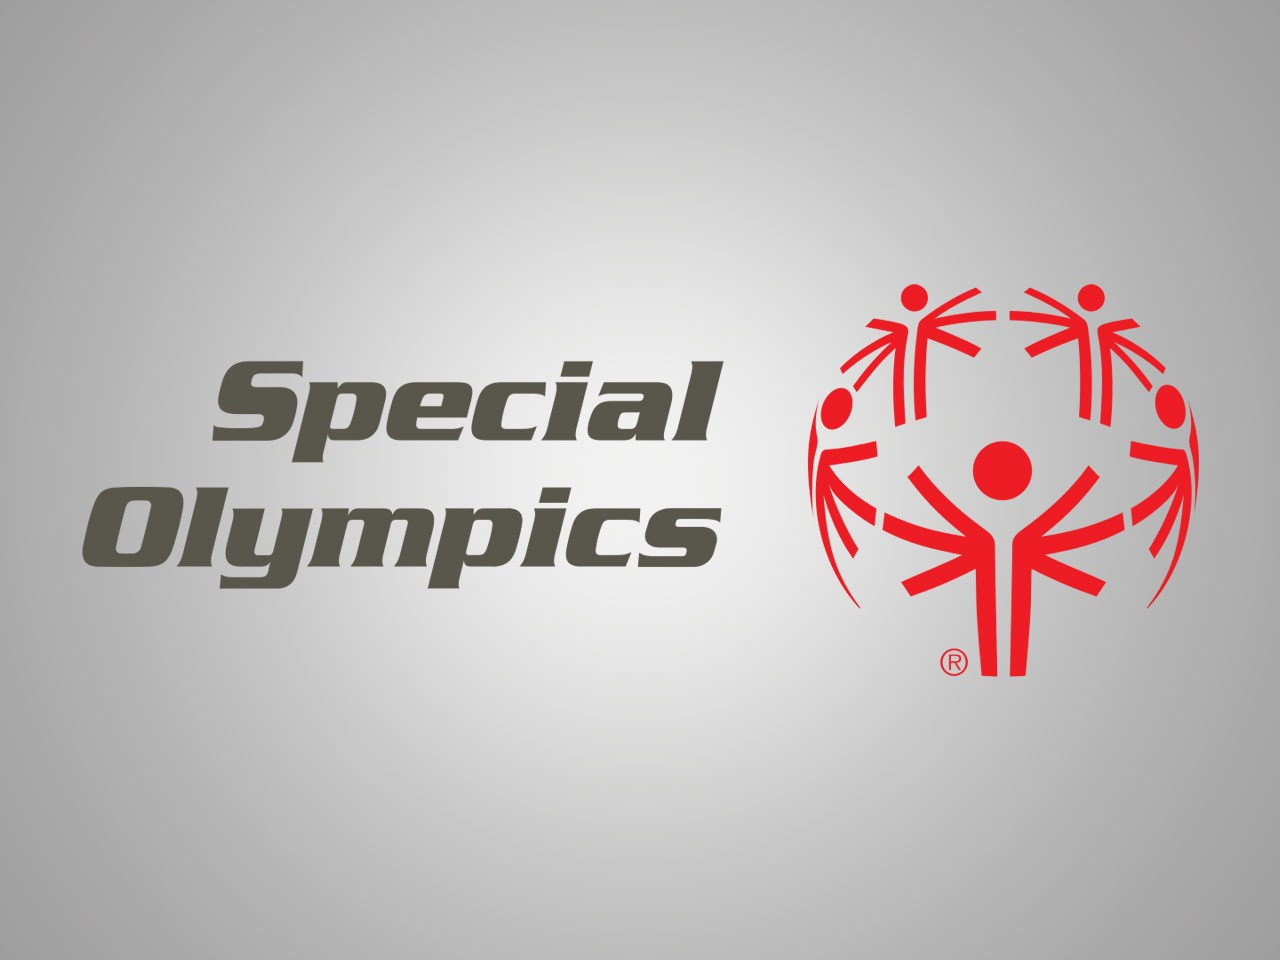 SPECIAL OLYMPICS_1553794353872.jpg.jpg